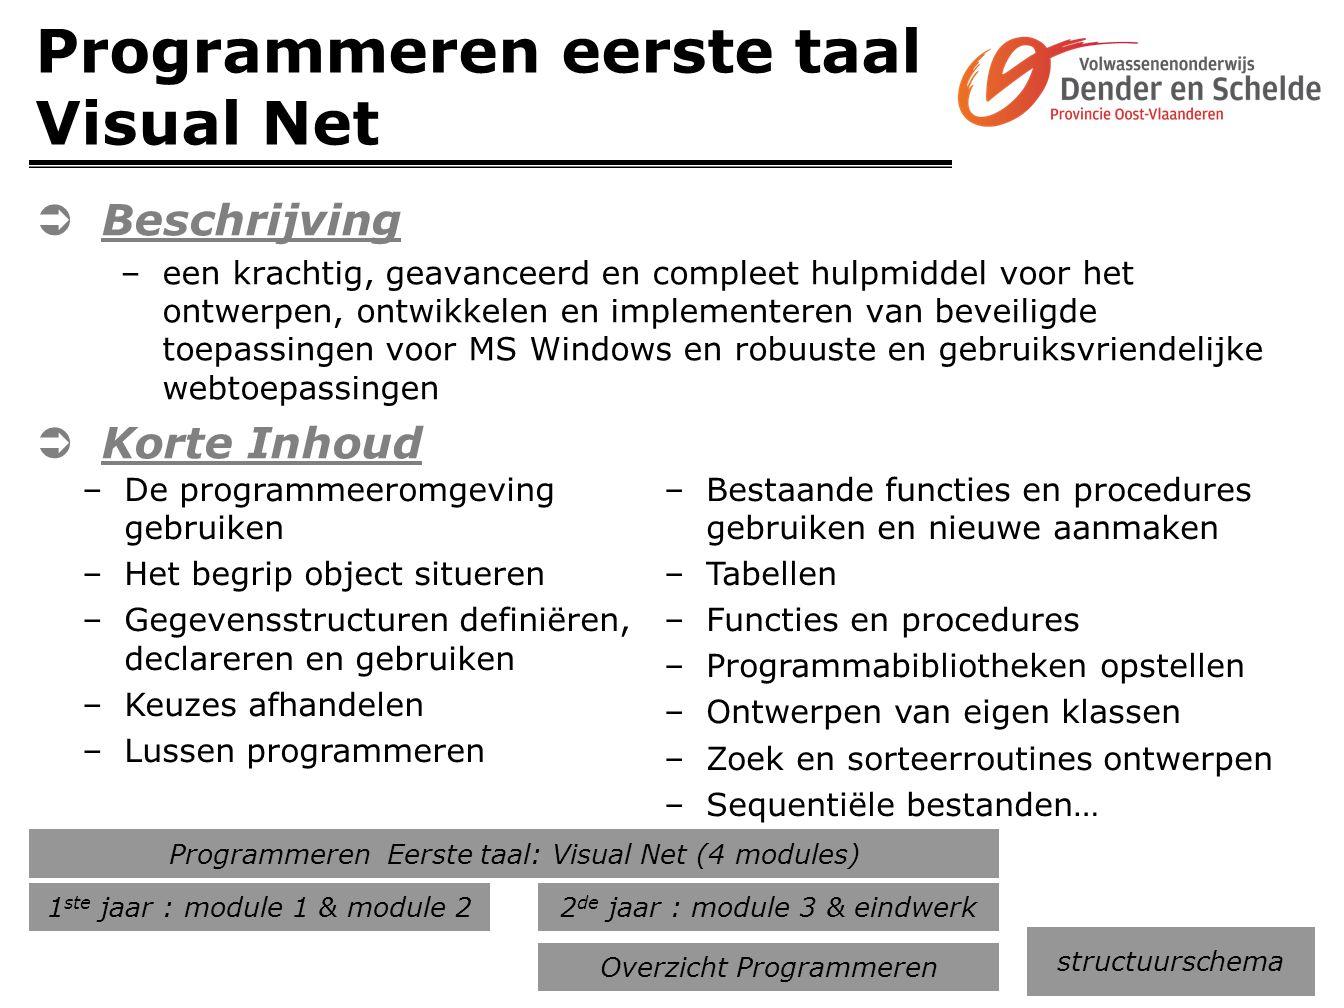 Programmeren eerste taal Visual Net